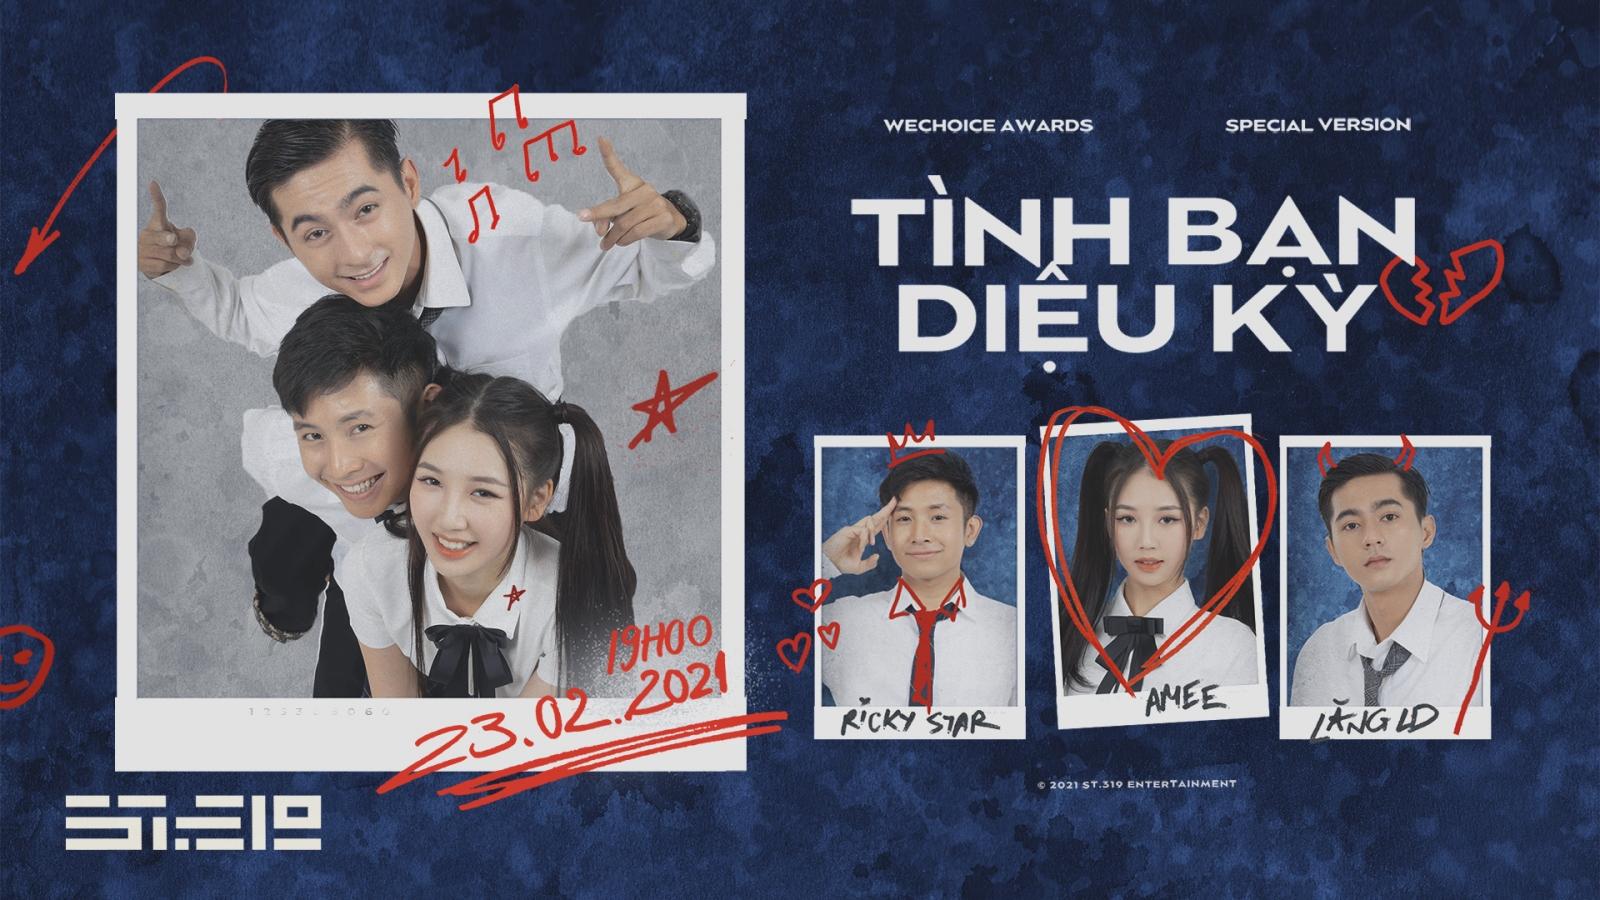 """MV """"Tình bạn diệu kỳ"""" của AMEE, Ricky Star, Lăng LD lên sóng với phiên bản đặc biệt"""